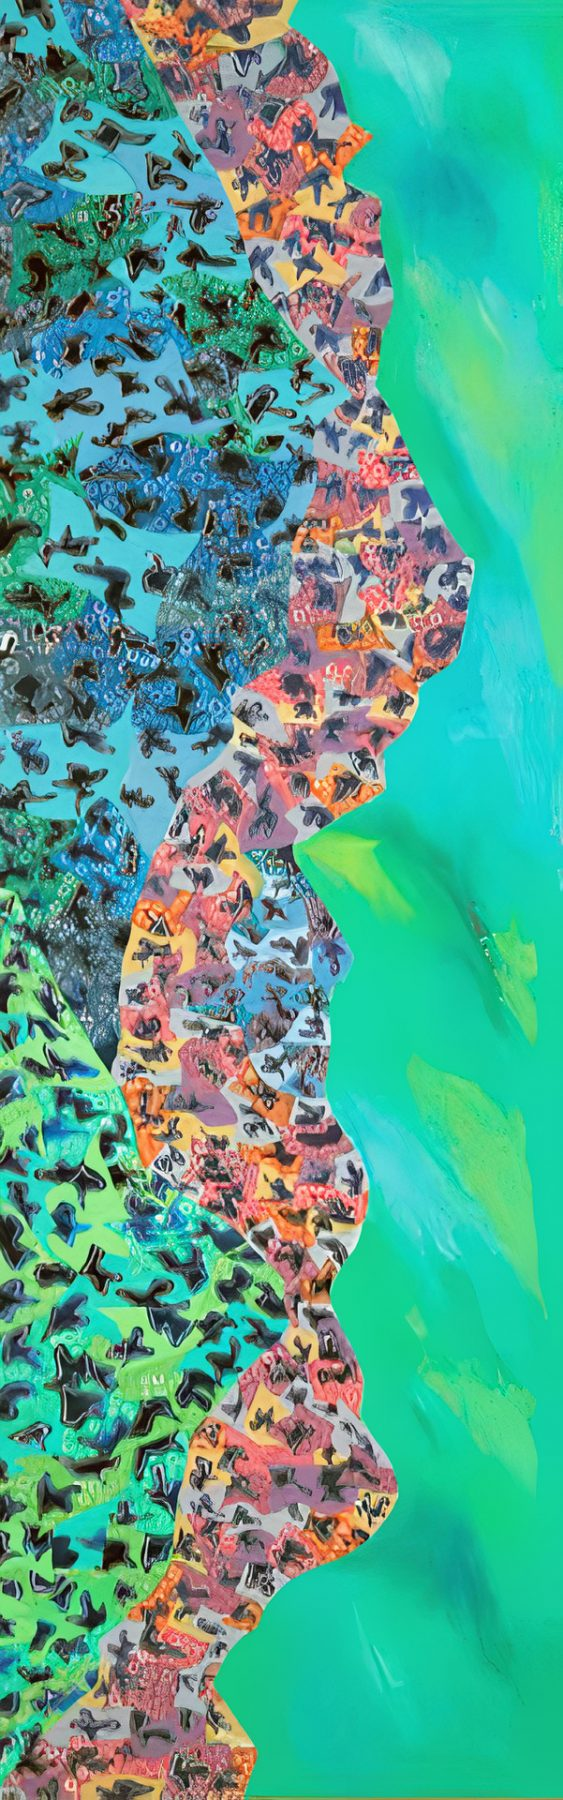 Fajr (2007) oil on canvas, 1.52H x 0.46W meters